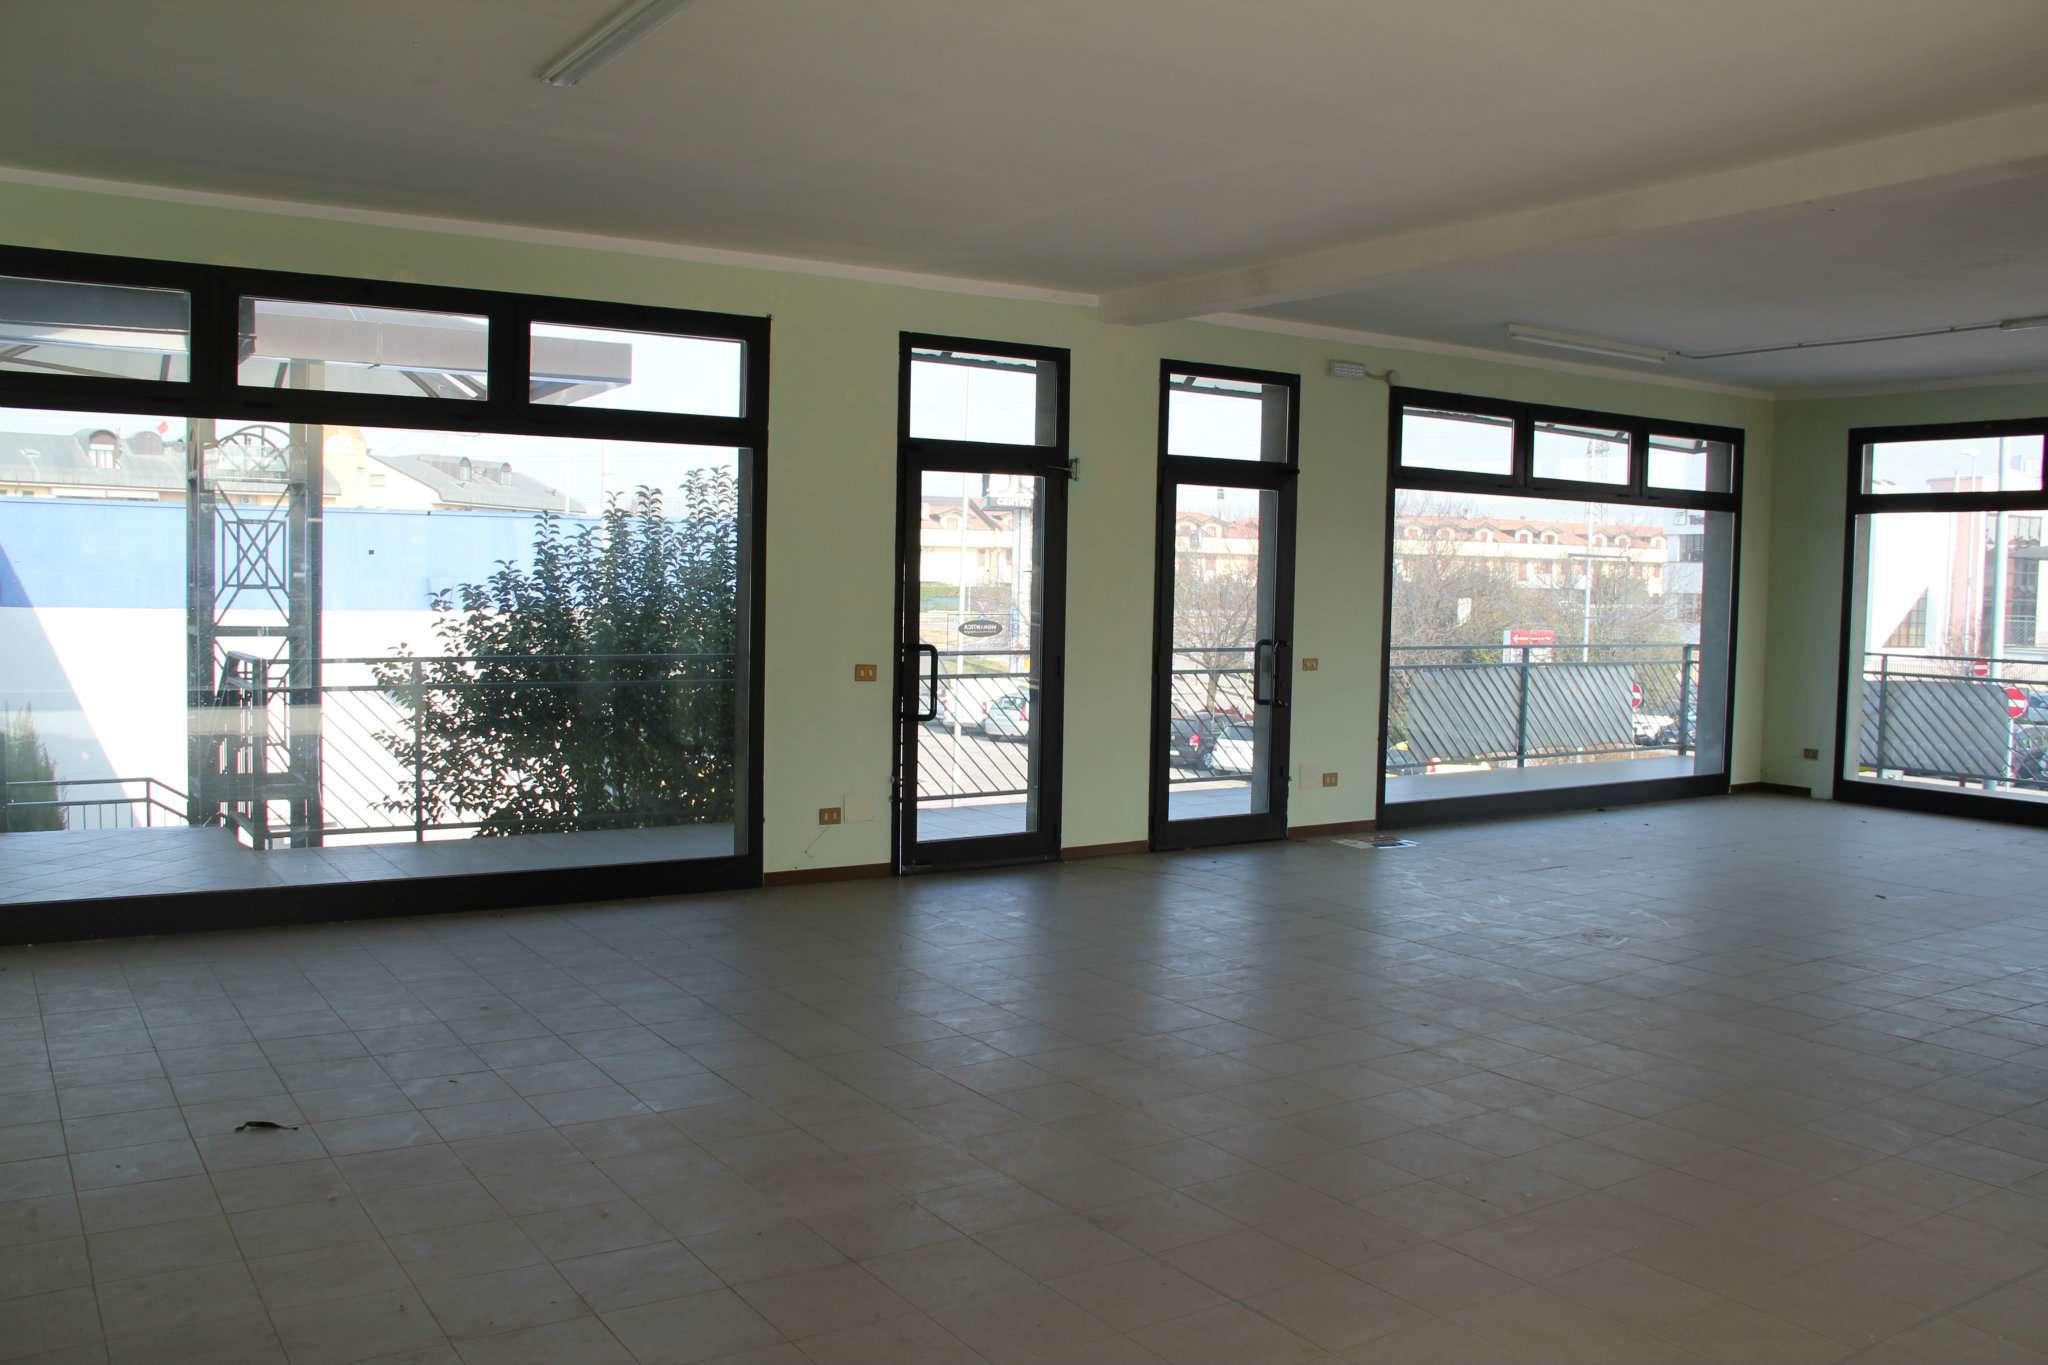 Negozio / Locale in vendita a Trezzano Rosa, 1 locali, prezzo € 75.000 | CambioCasa.it